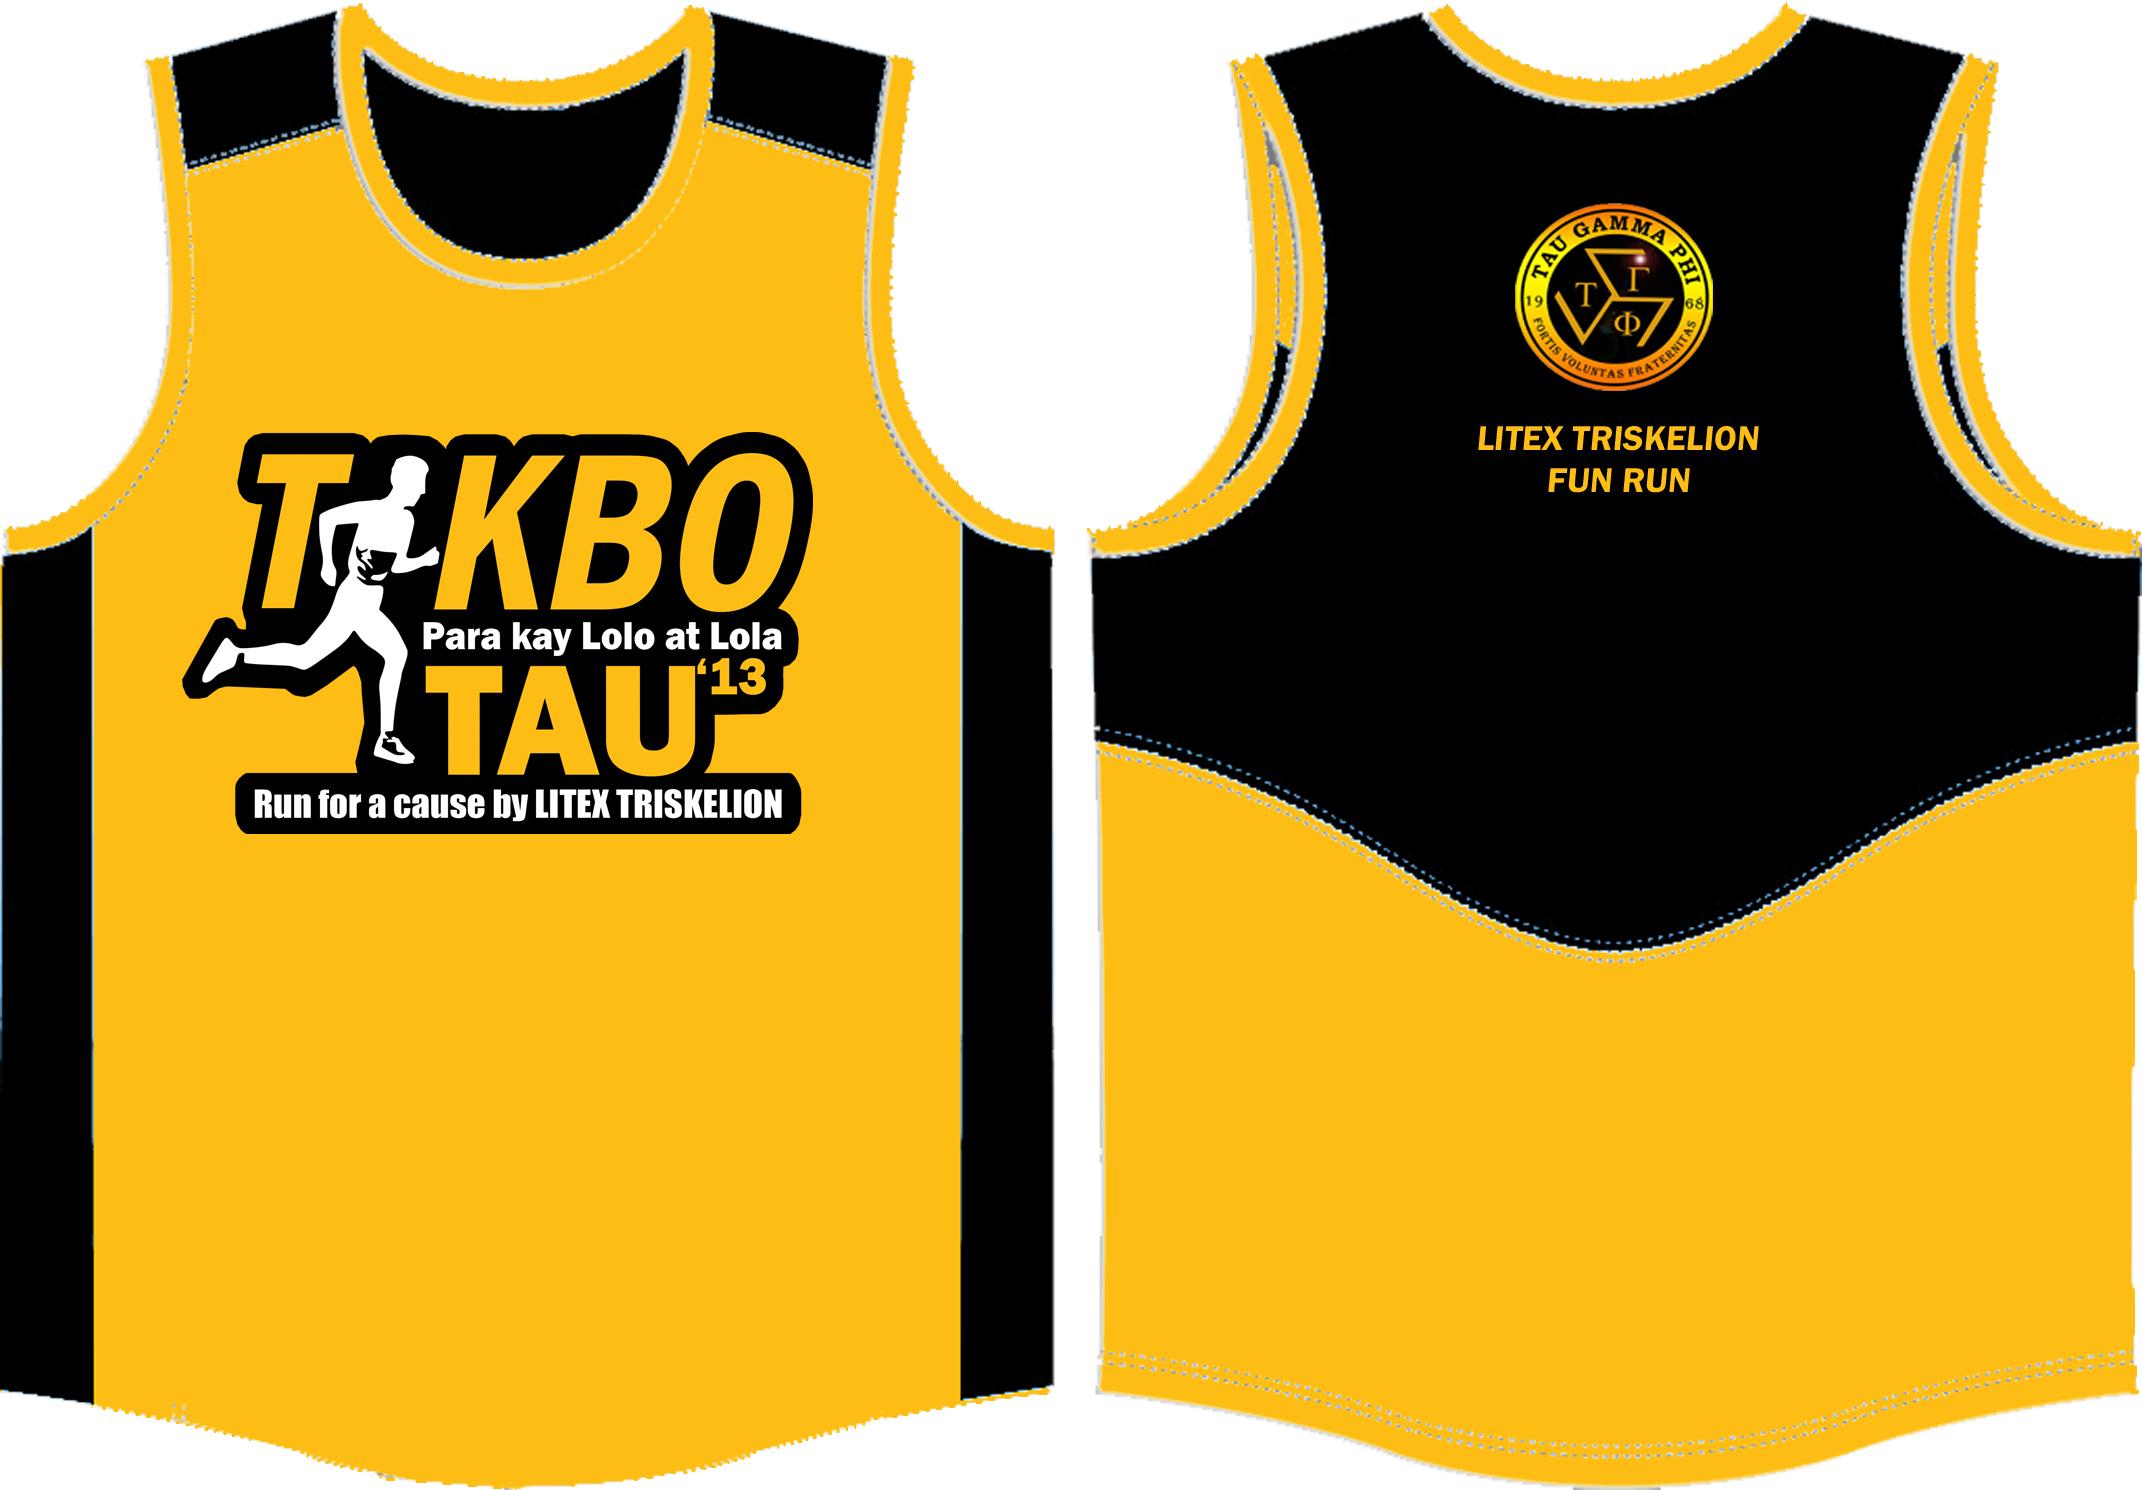 takbo-tau-2013-singlet-design